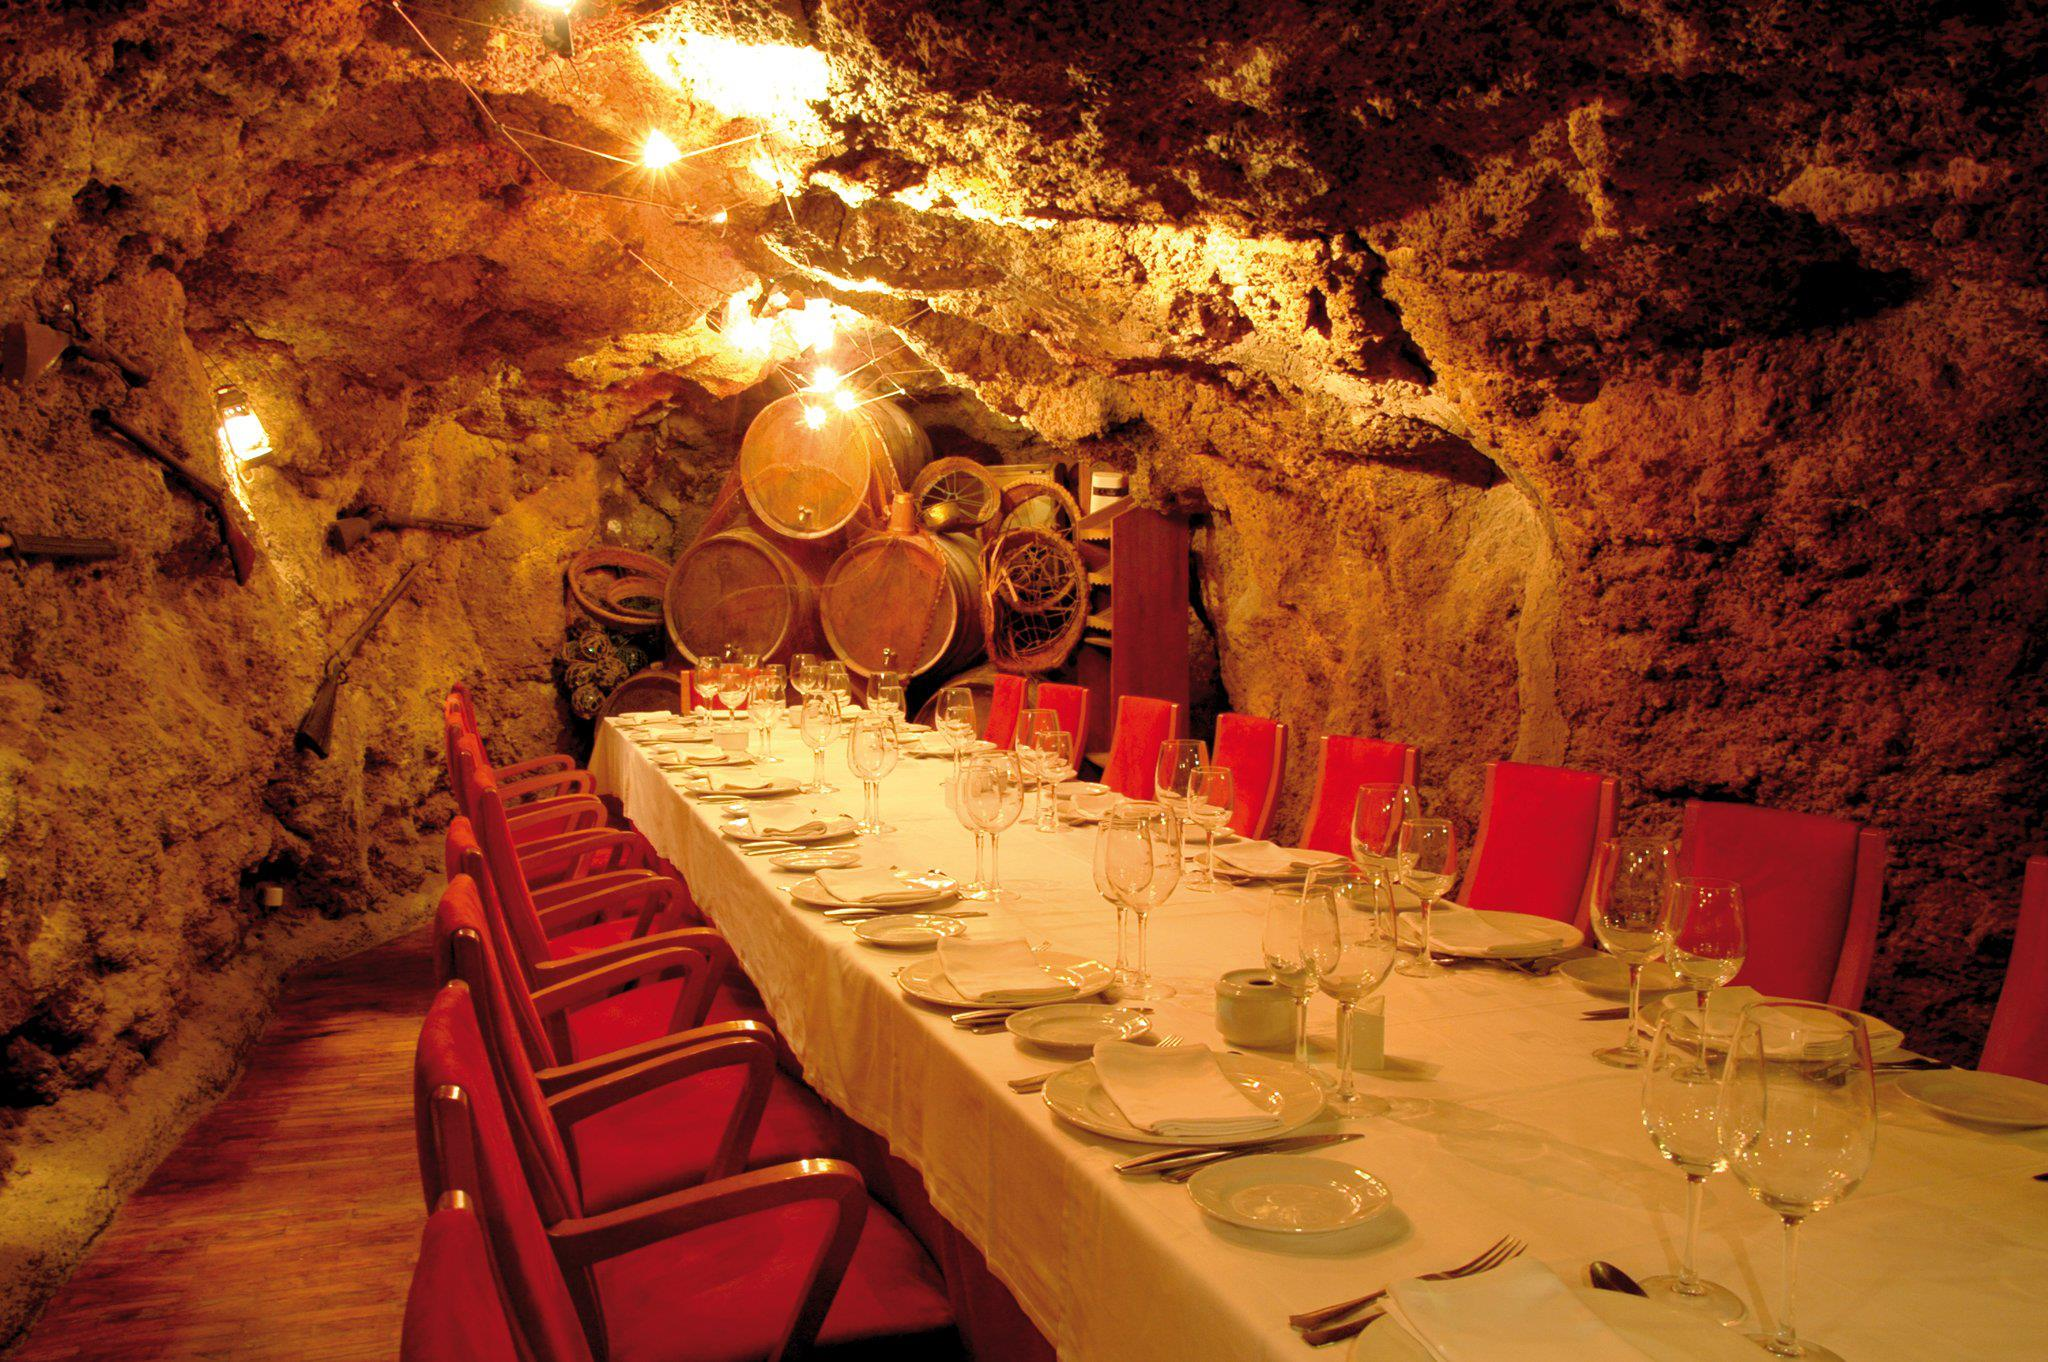 Restaurante La Gruta, adéntrate en la tierra del sabor